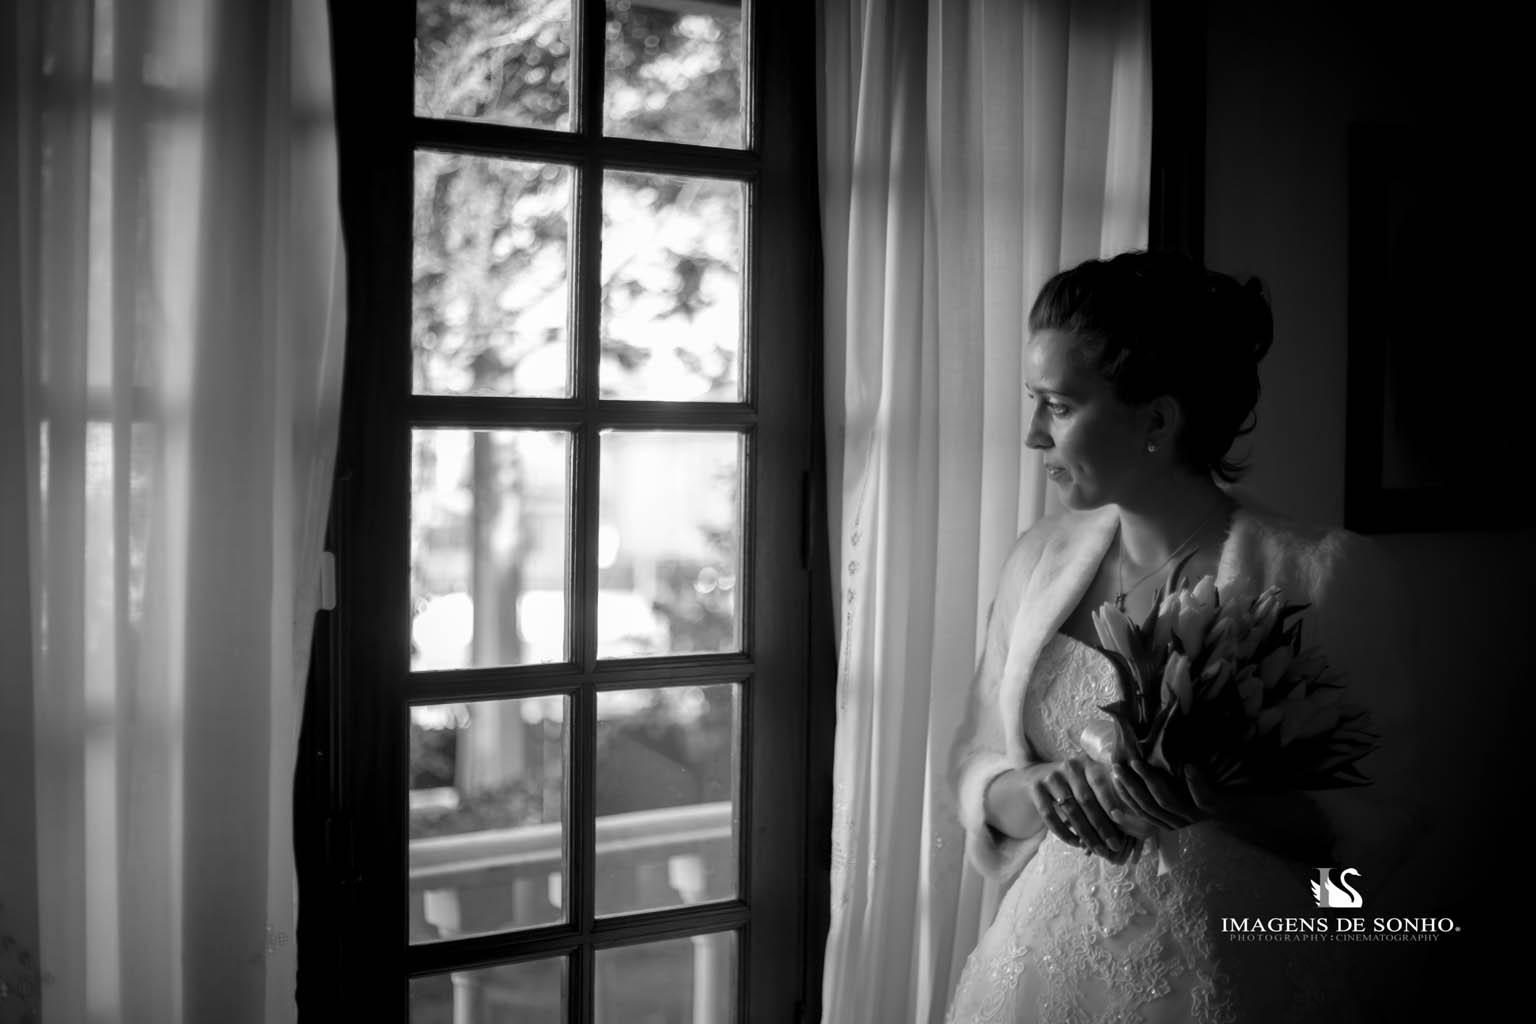 Se marier au Portugal, ça change quoi?